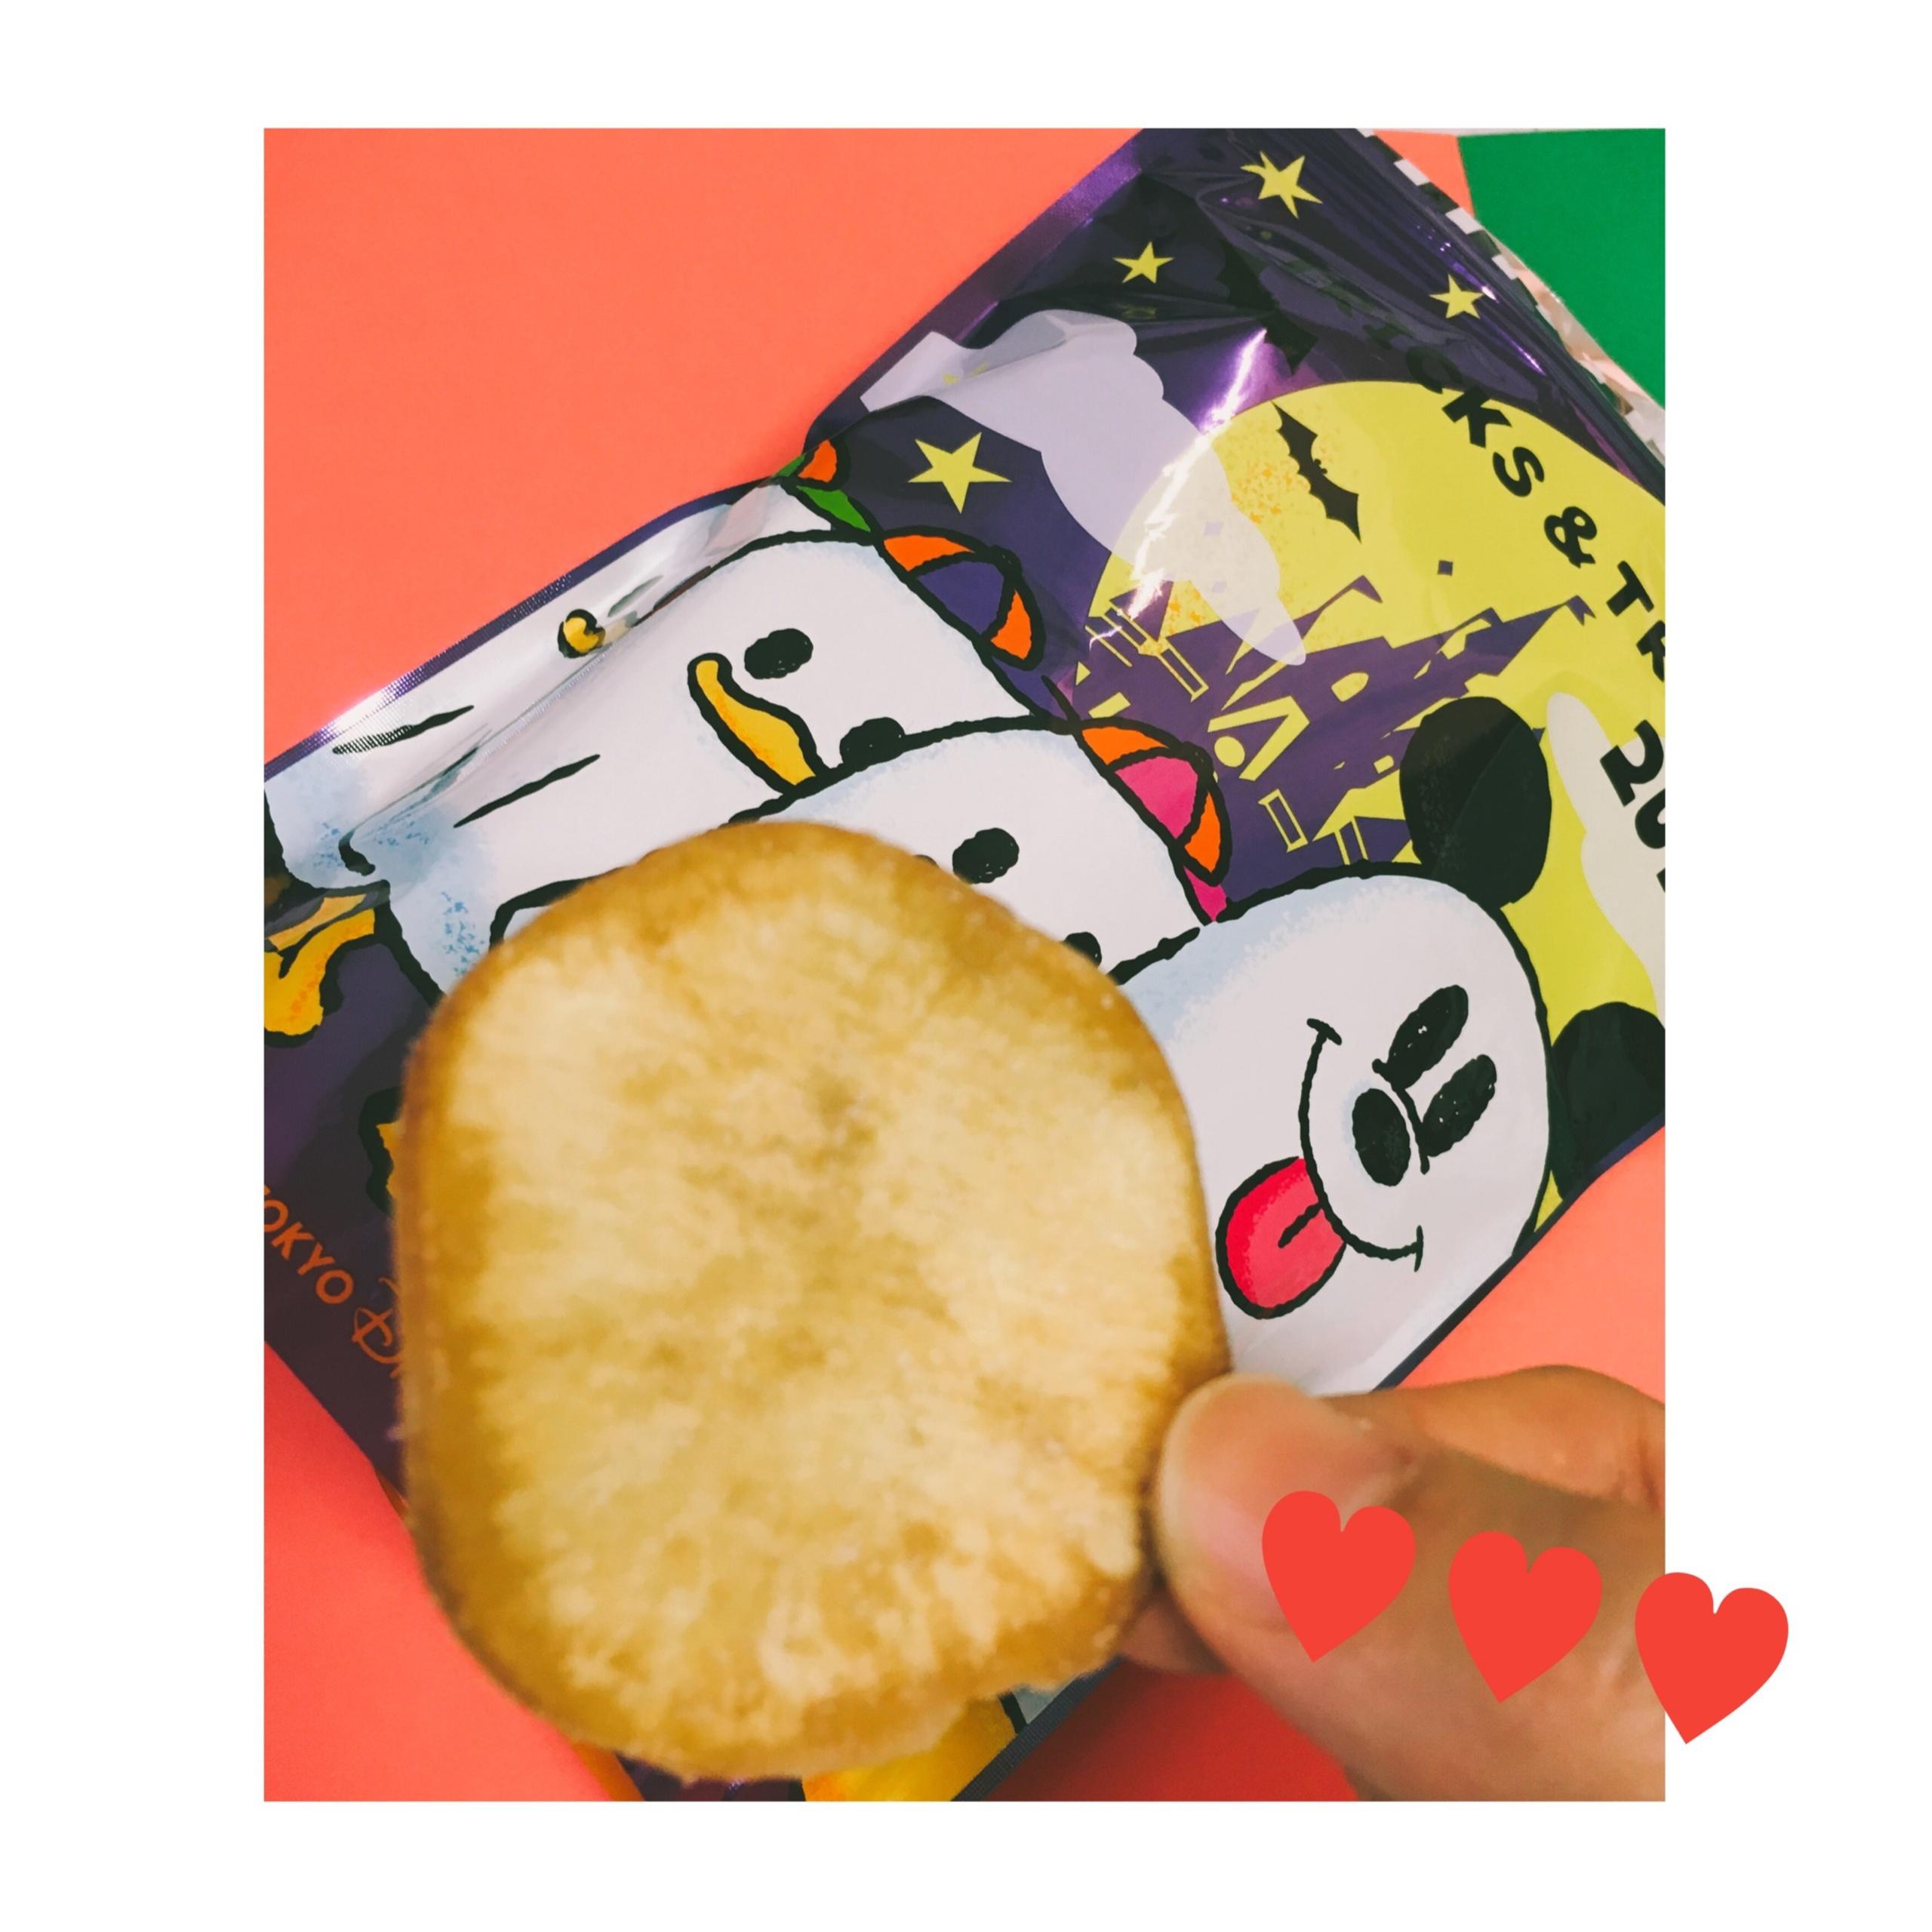 《ハロウィンシーズン到来★》【TDL】で思わずパケ買いしたオススメのお土産お菓子2選❤️_6